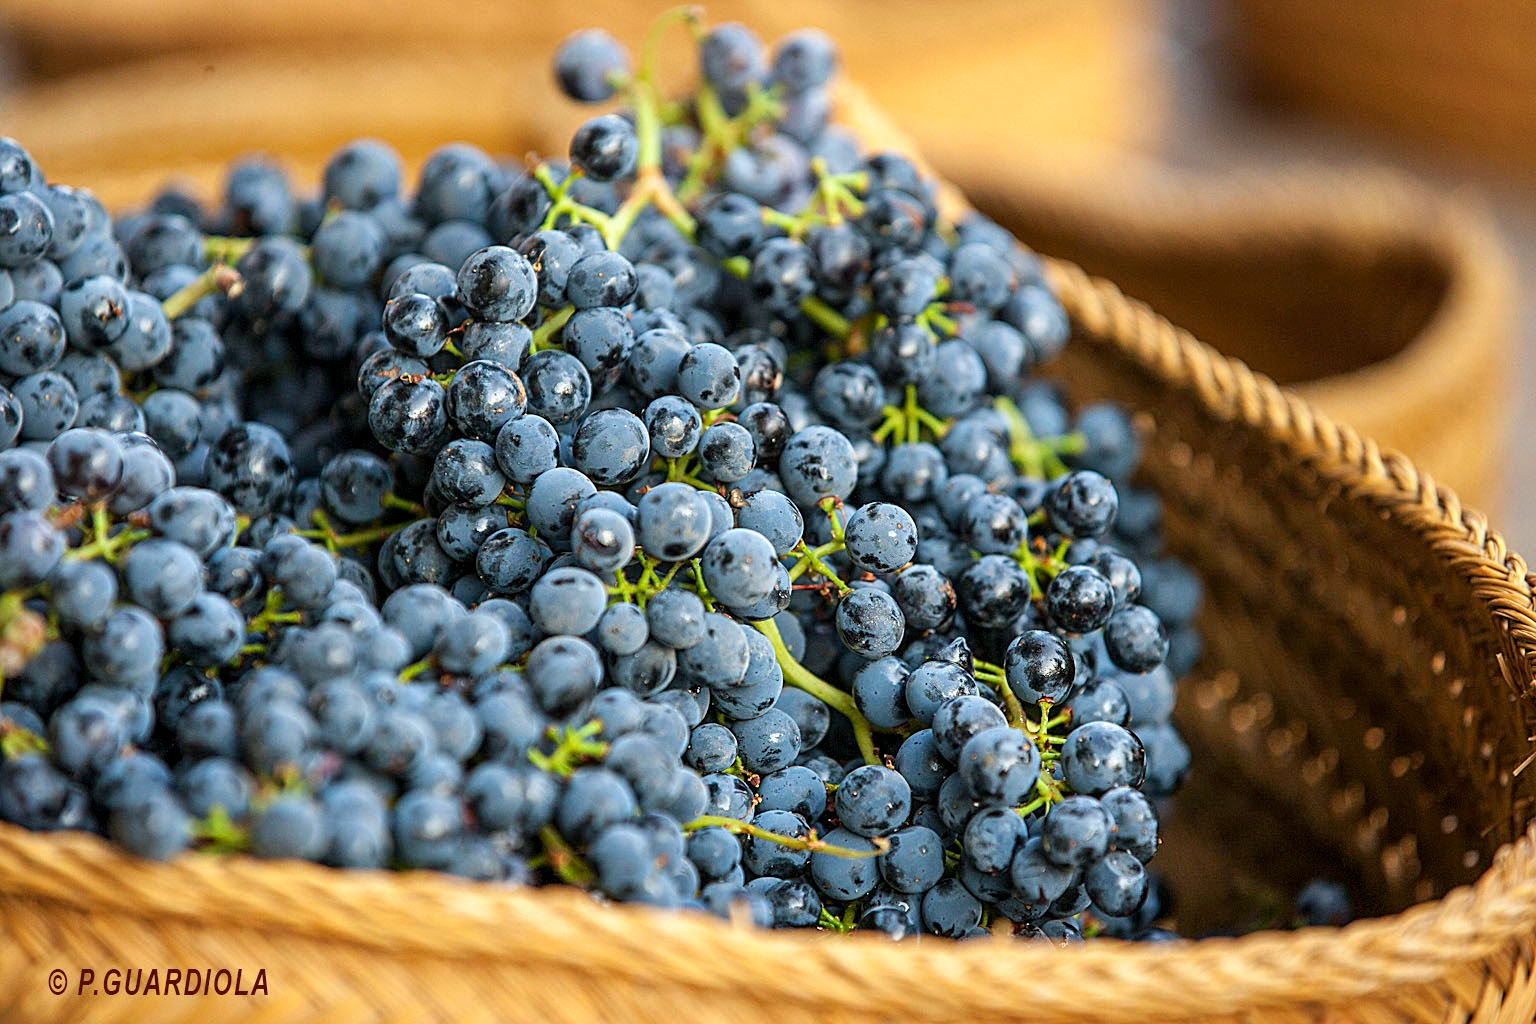 Ofrenda de uvas Jumilla 2014